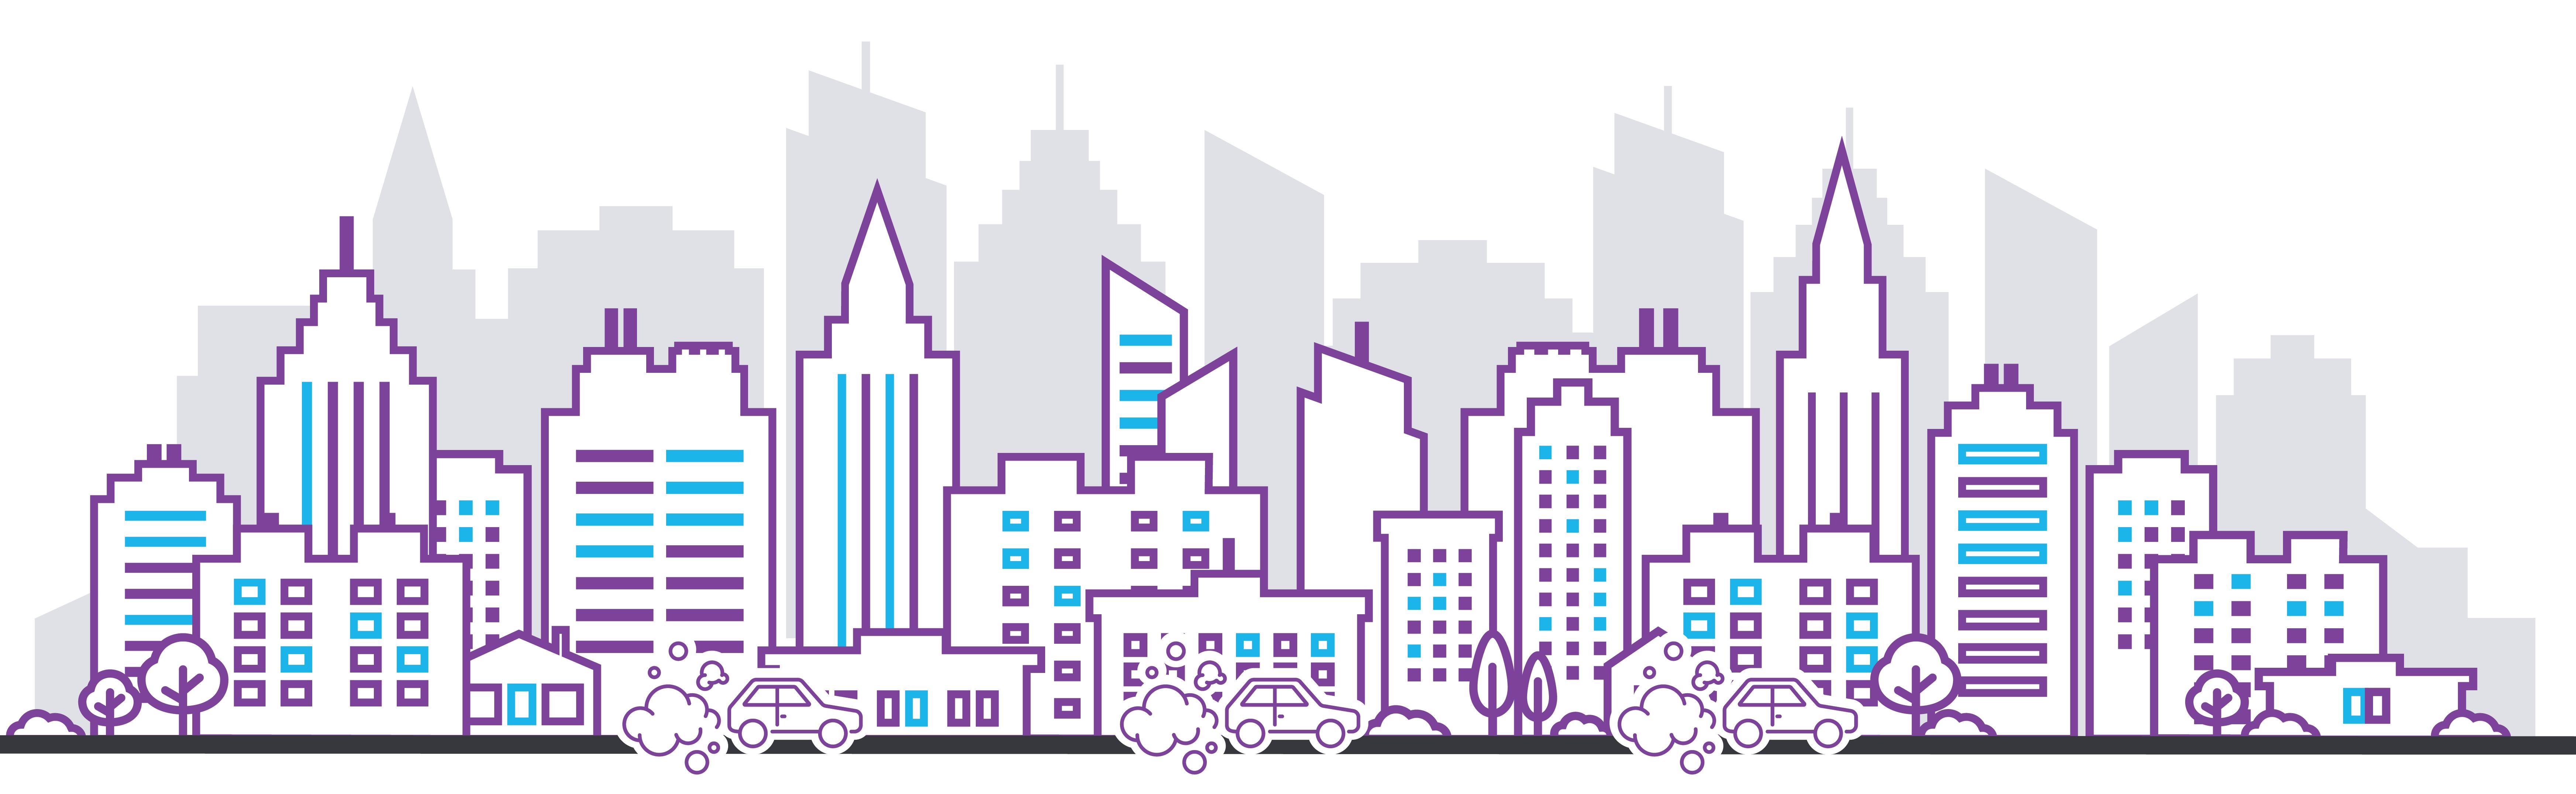 GoPerks cityscape